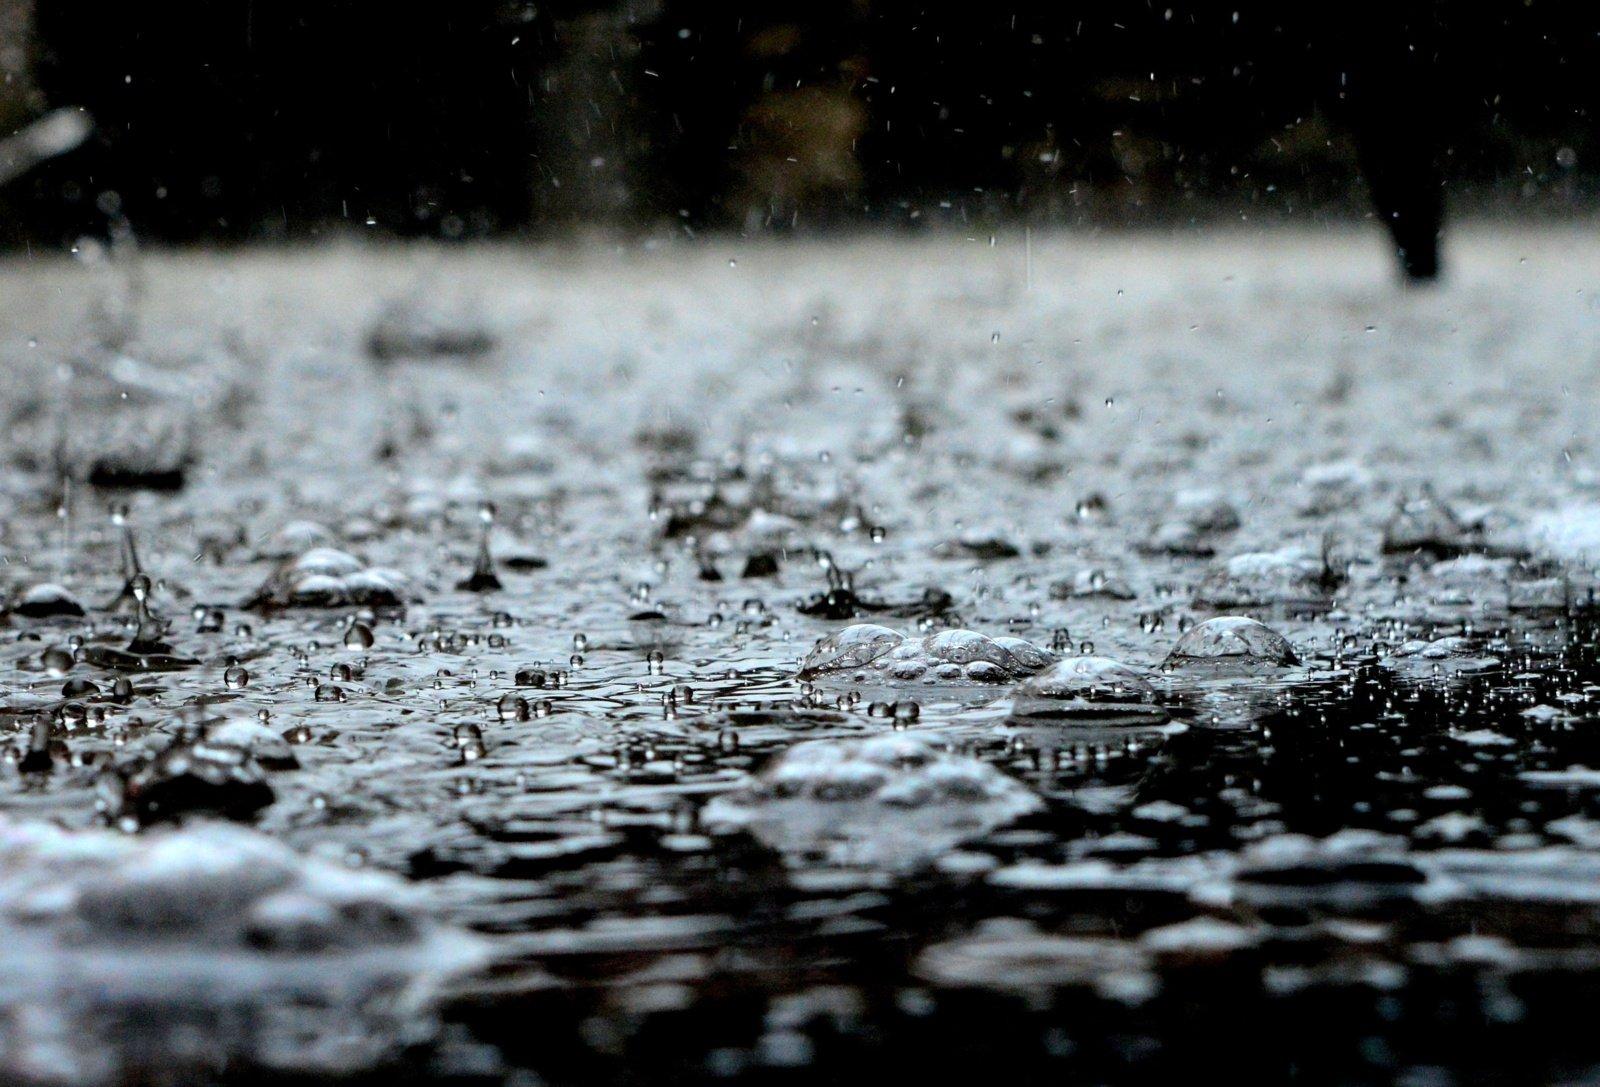 Dėl stipraus lietaus savaitgalį neveiks dalis Kauno zoologijos sodo